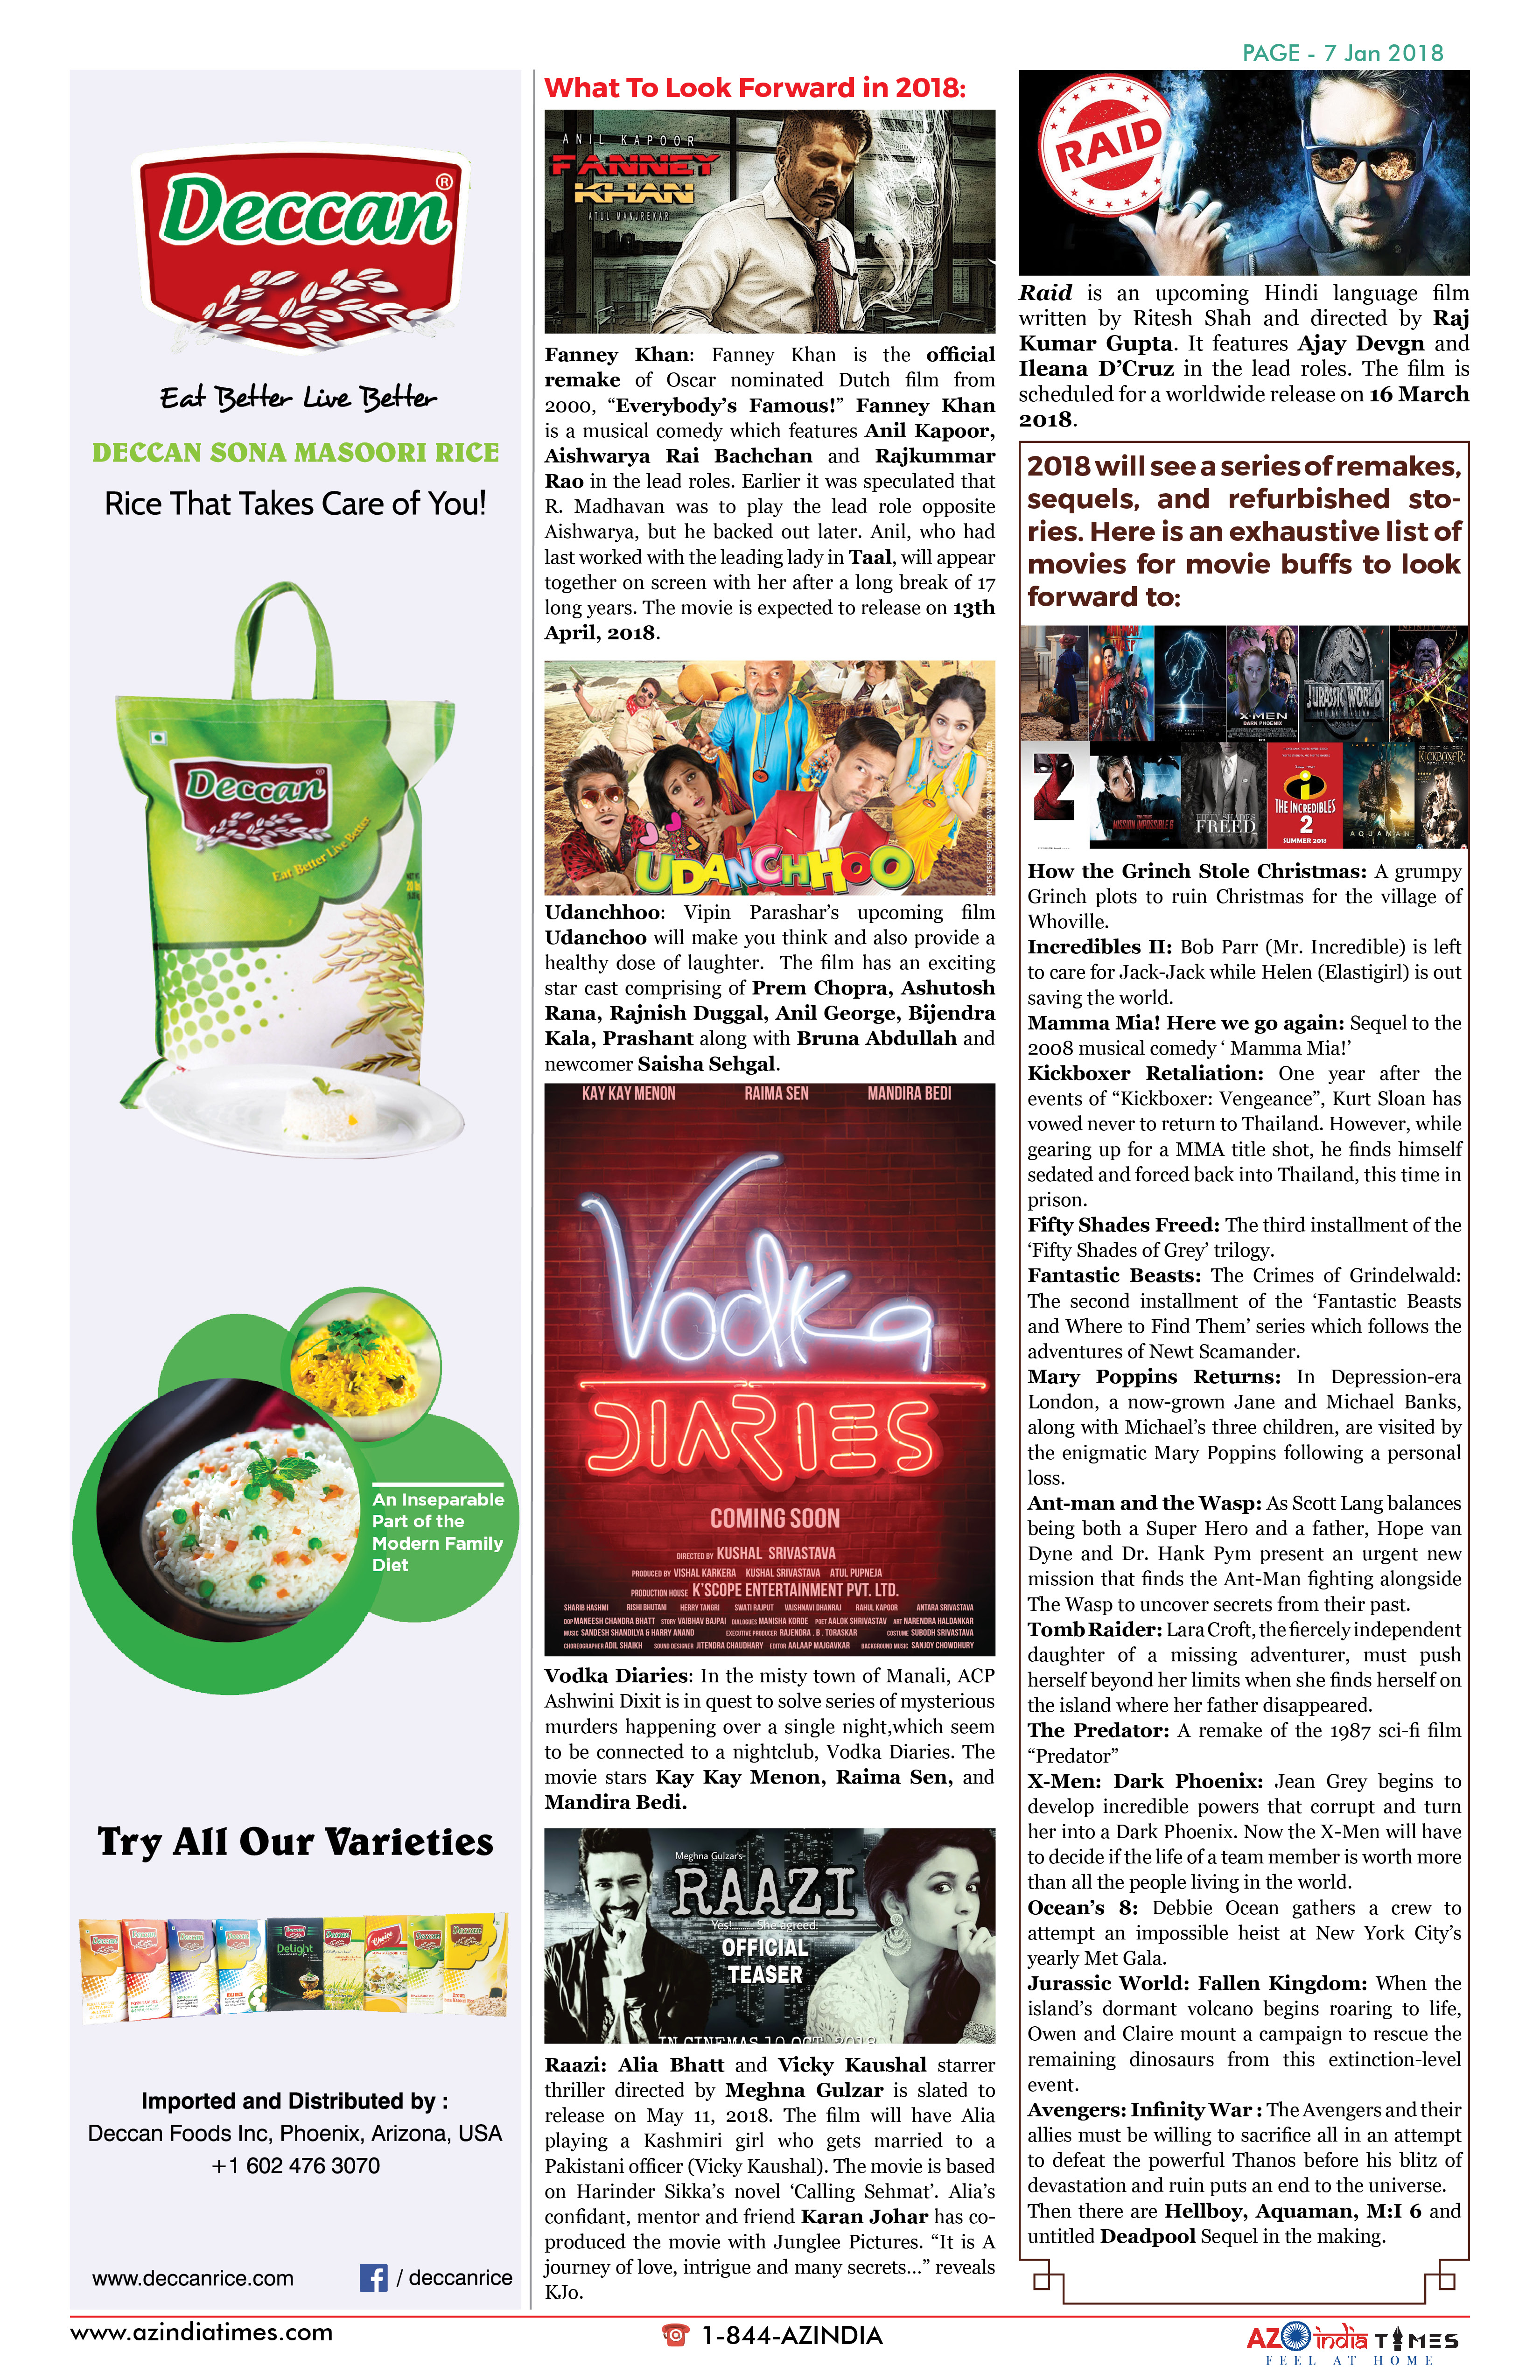 AZINIDA TIMES JANUARY EDITION7